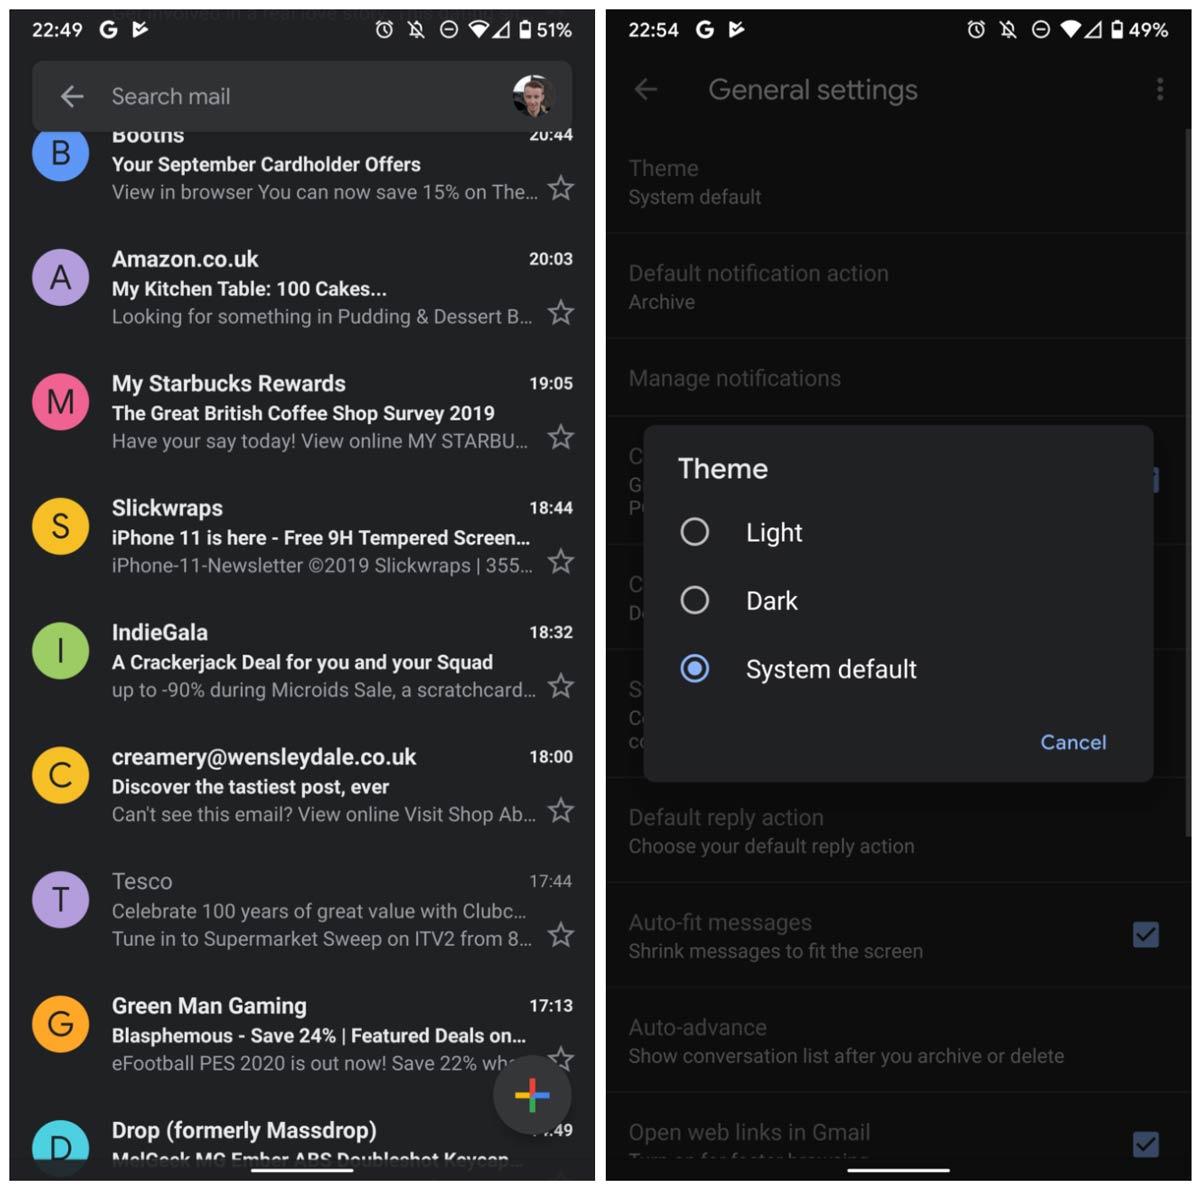 Pimeä tila saapuu virallisesti Gmailiin: näin se aktivoidaan